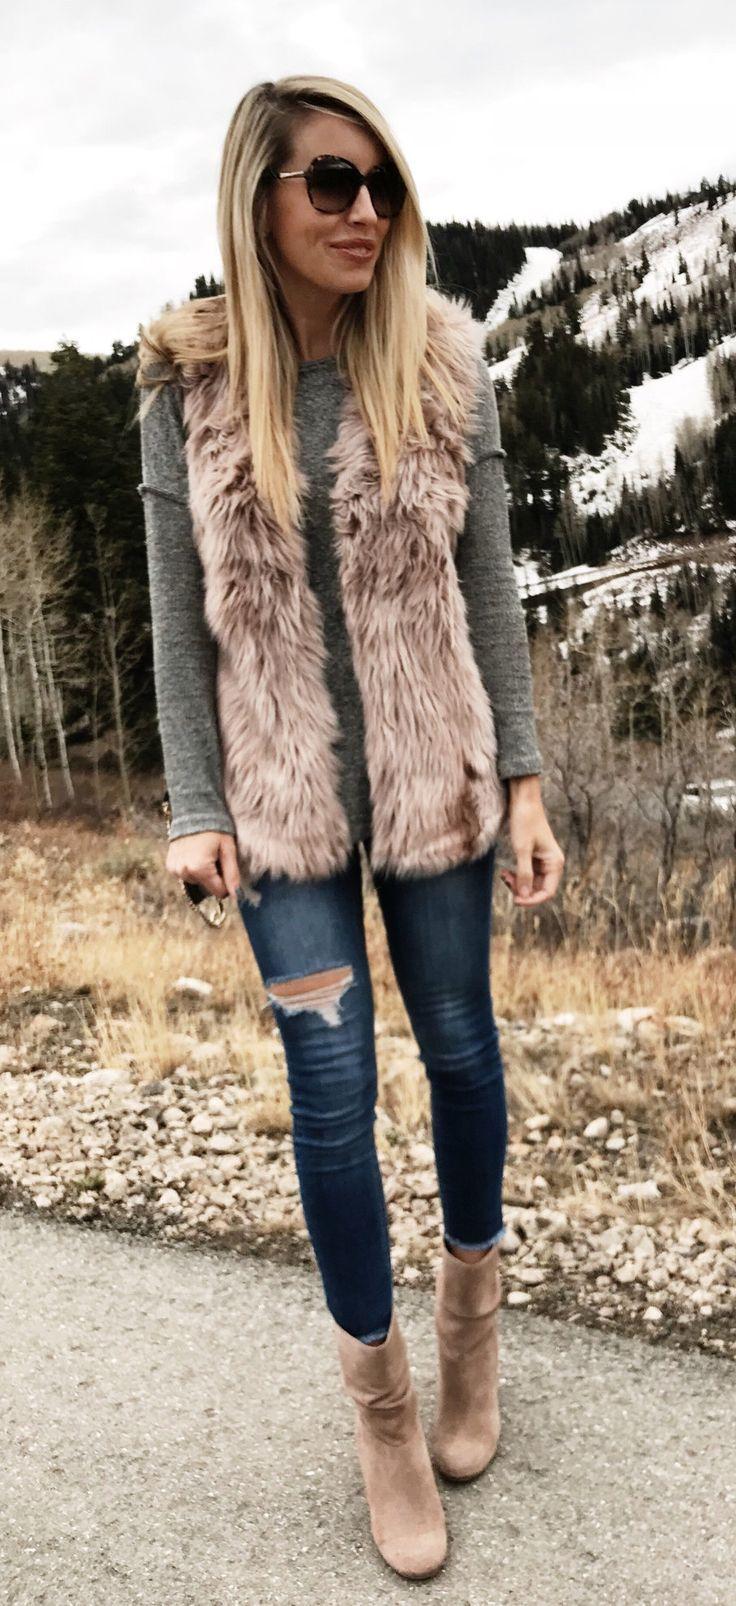 best 25+ fur vests ideas on pinterest | fur vest outfits, furry